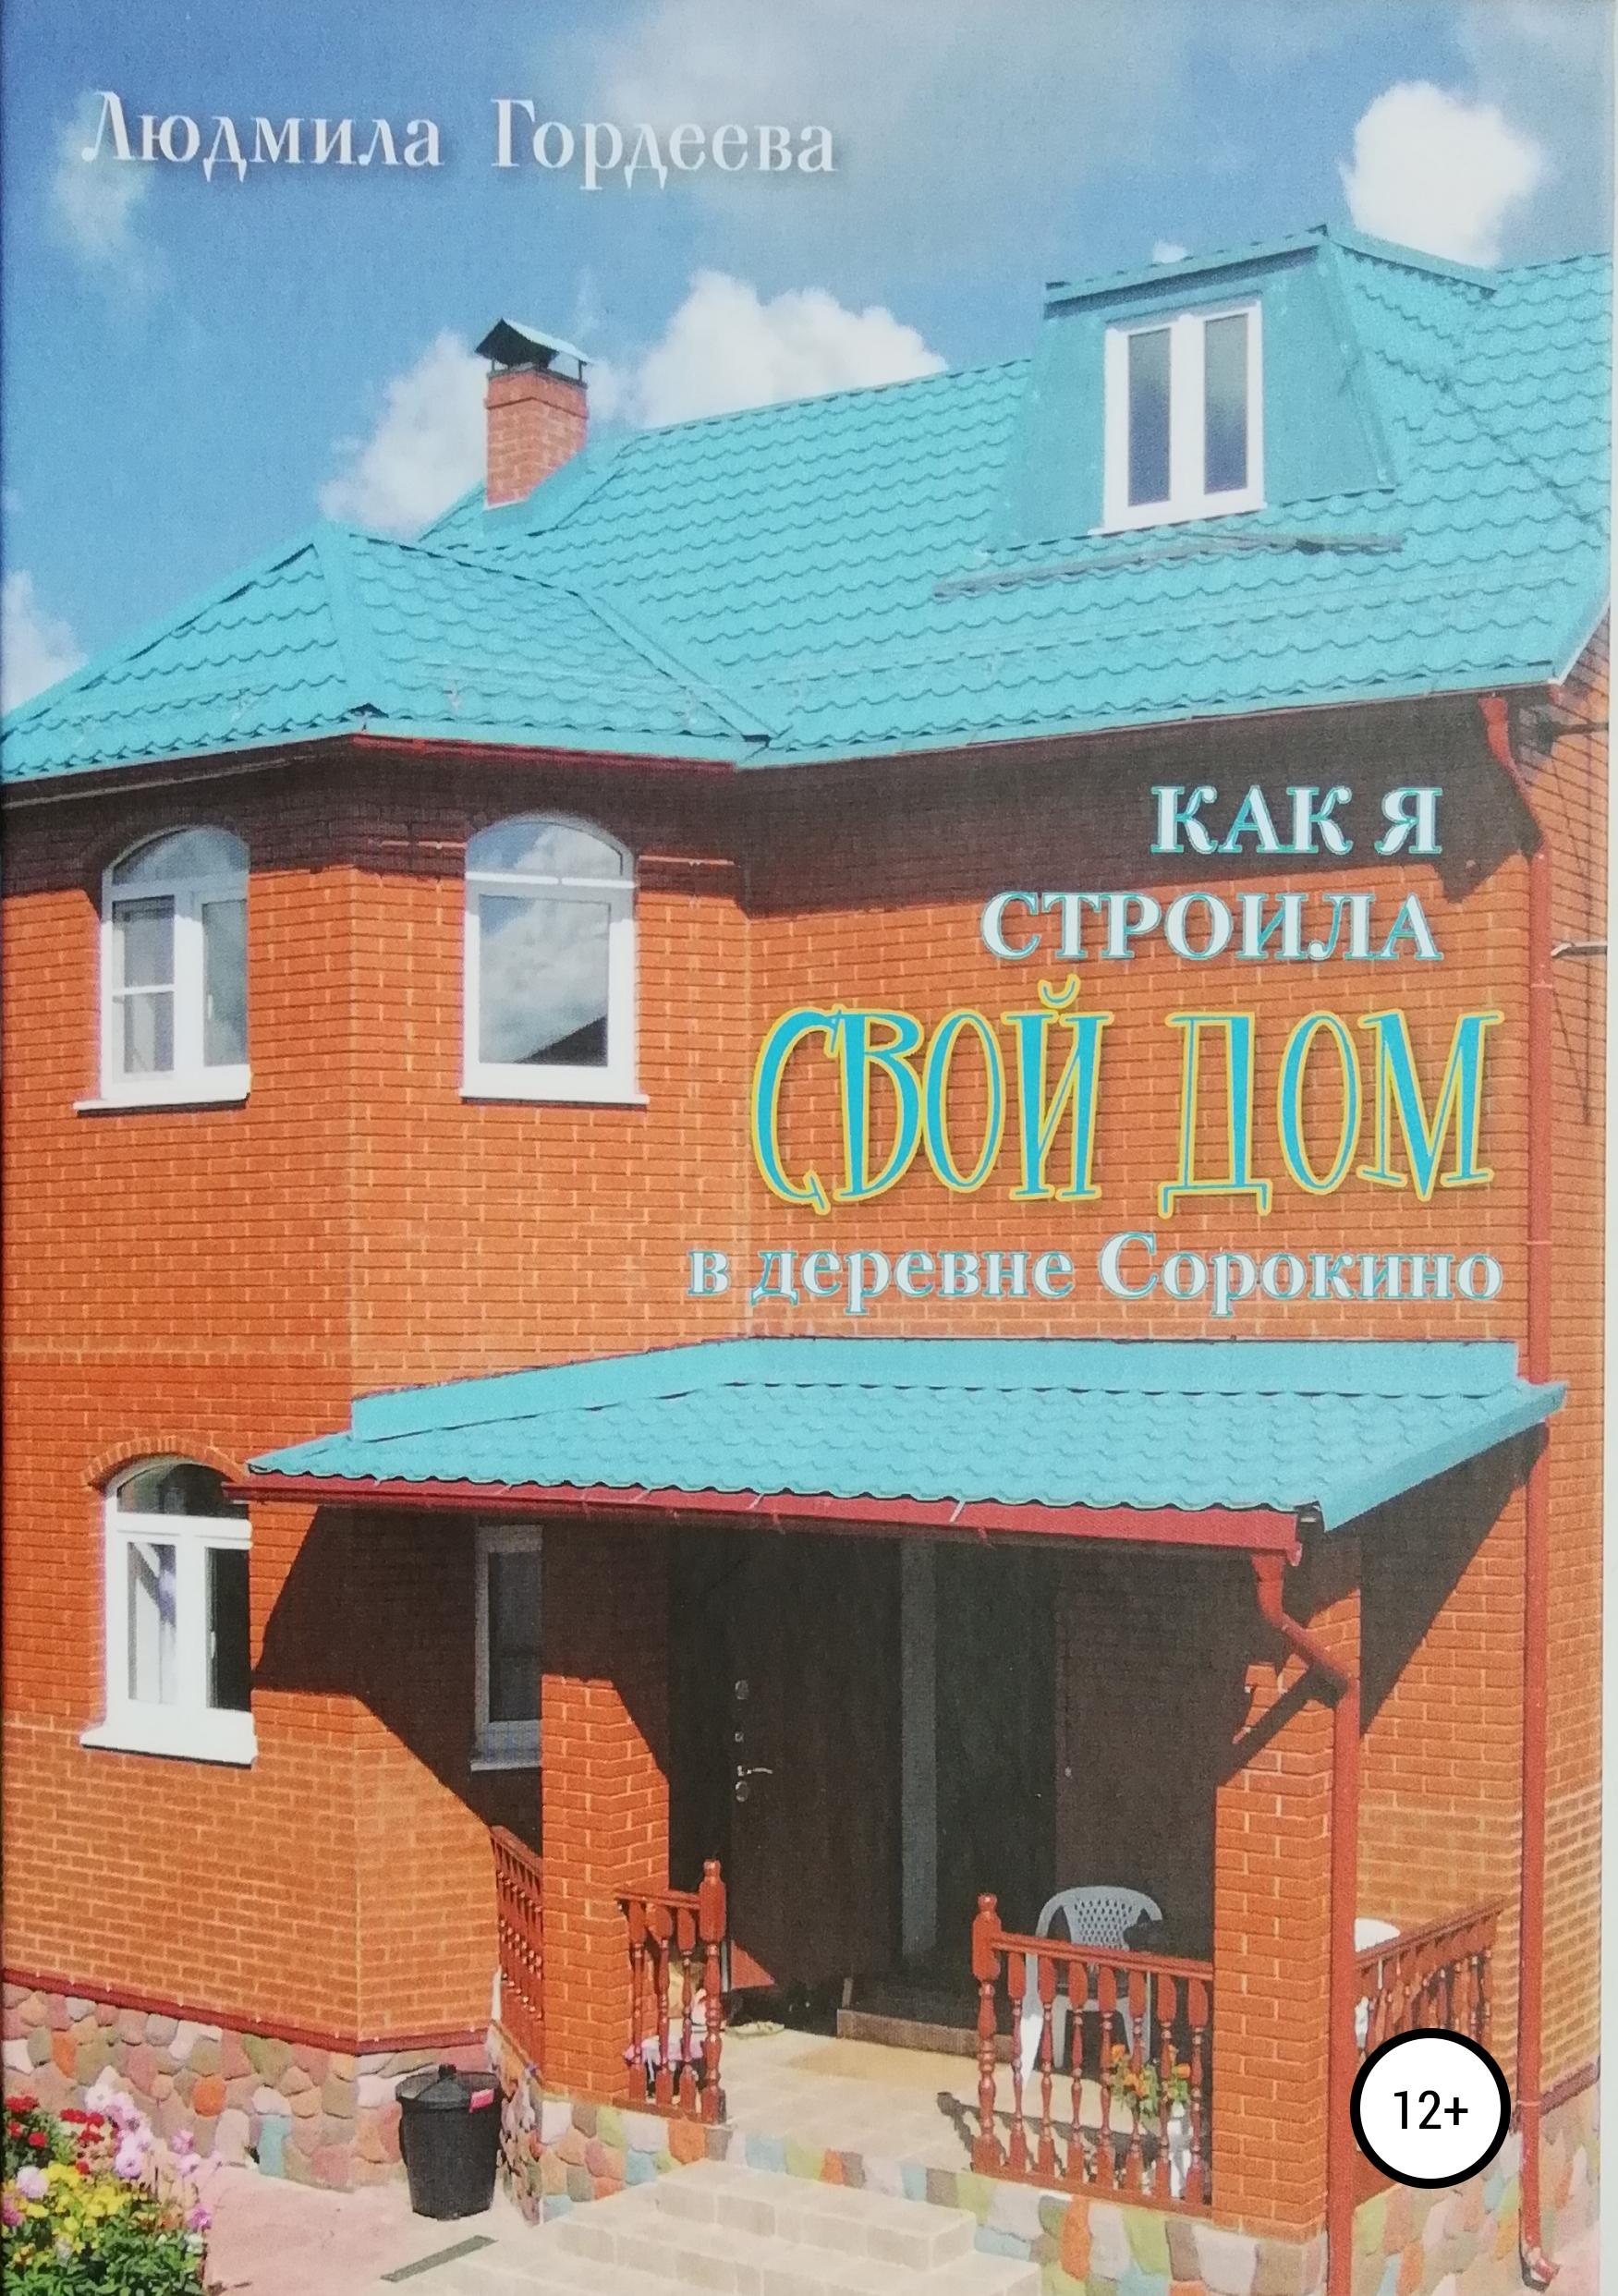 Обложка книги. Автор - Людмила Гордеева